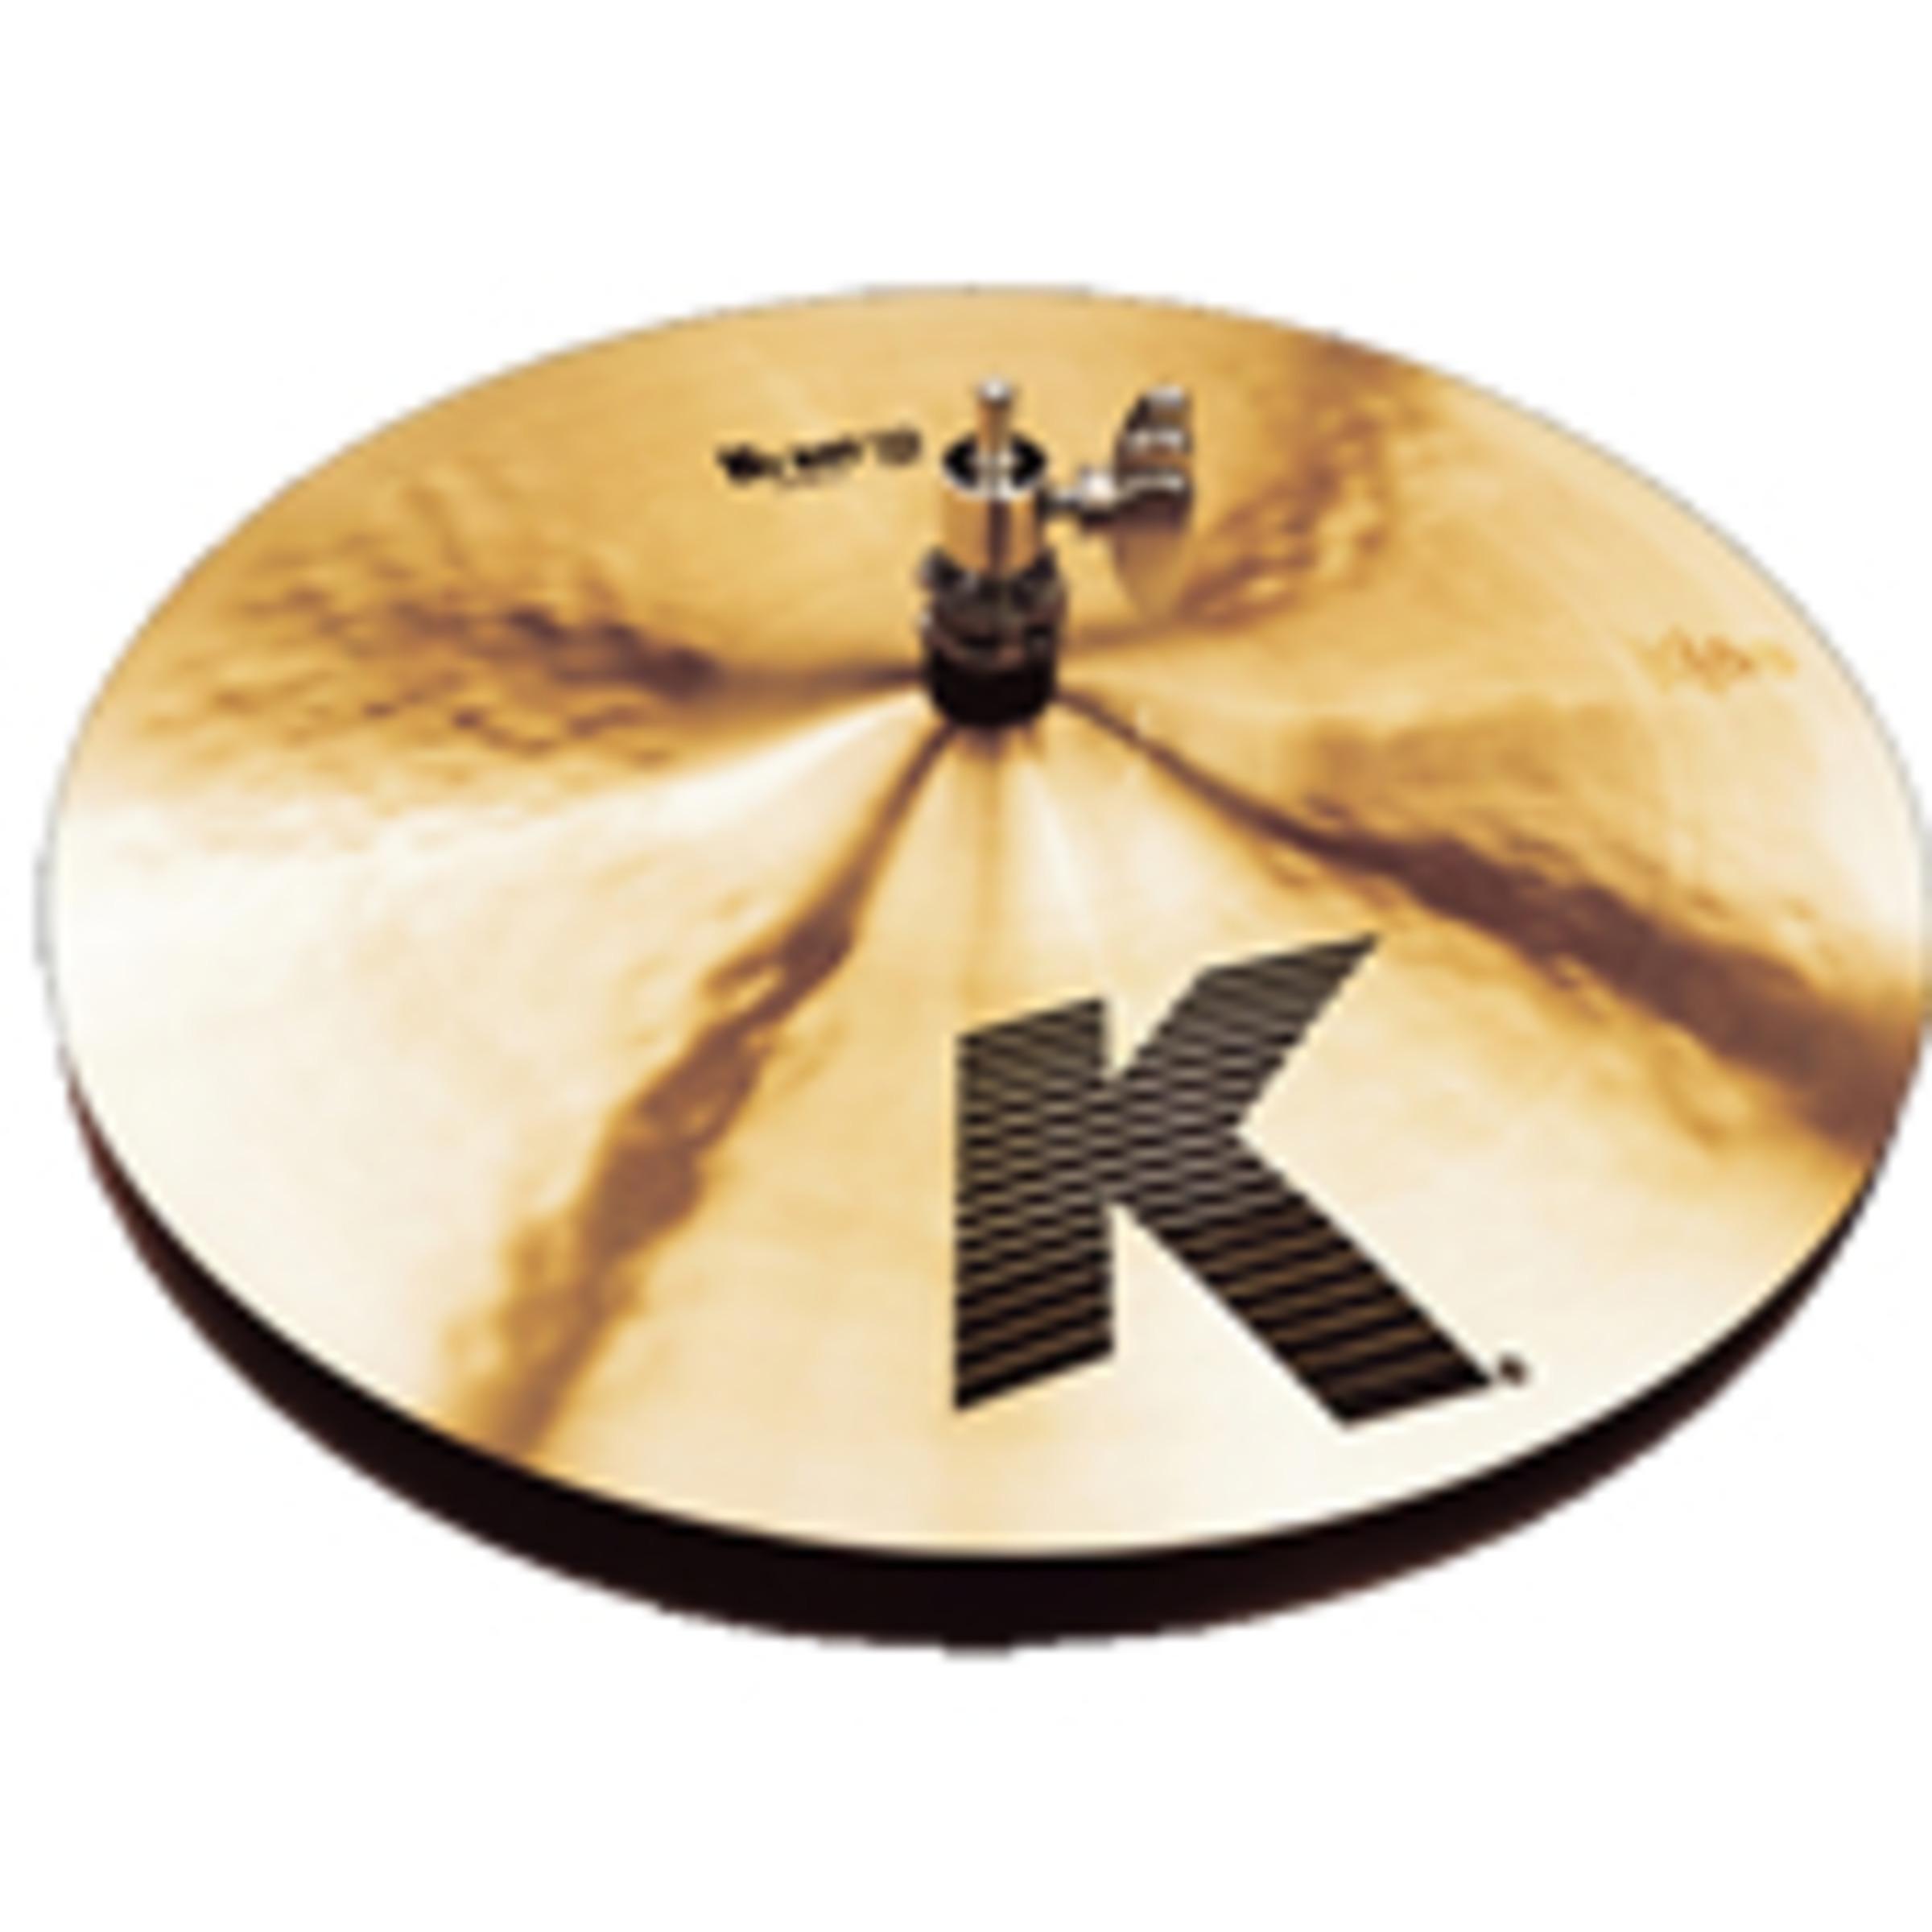 drums cymbals hi hats zildjian k hi hats giggear. Black Bedroom Furniture Sets. Home Design Ideas